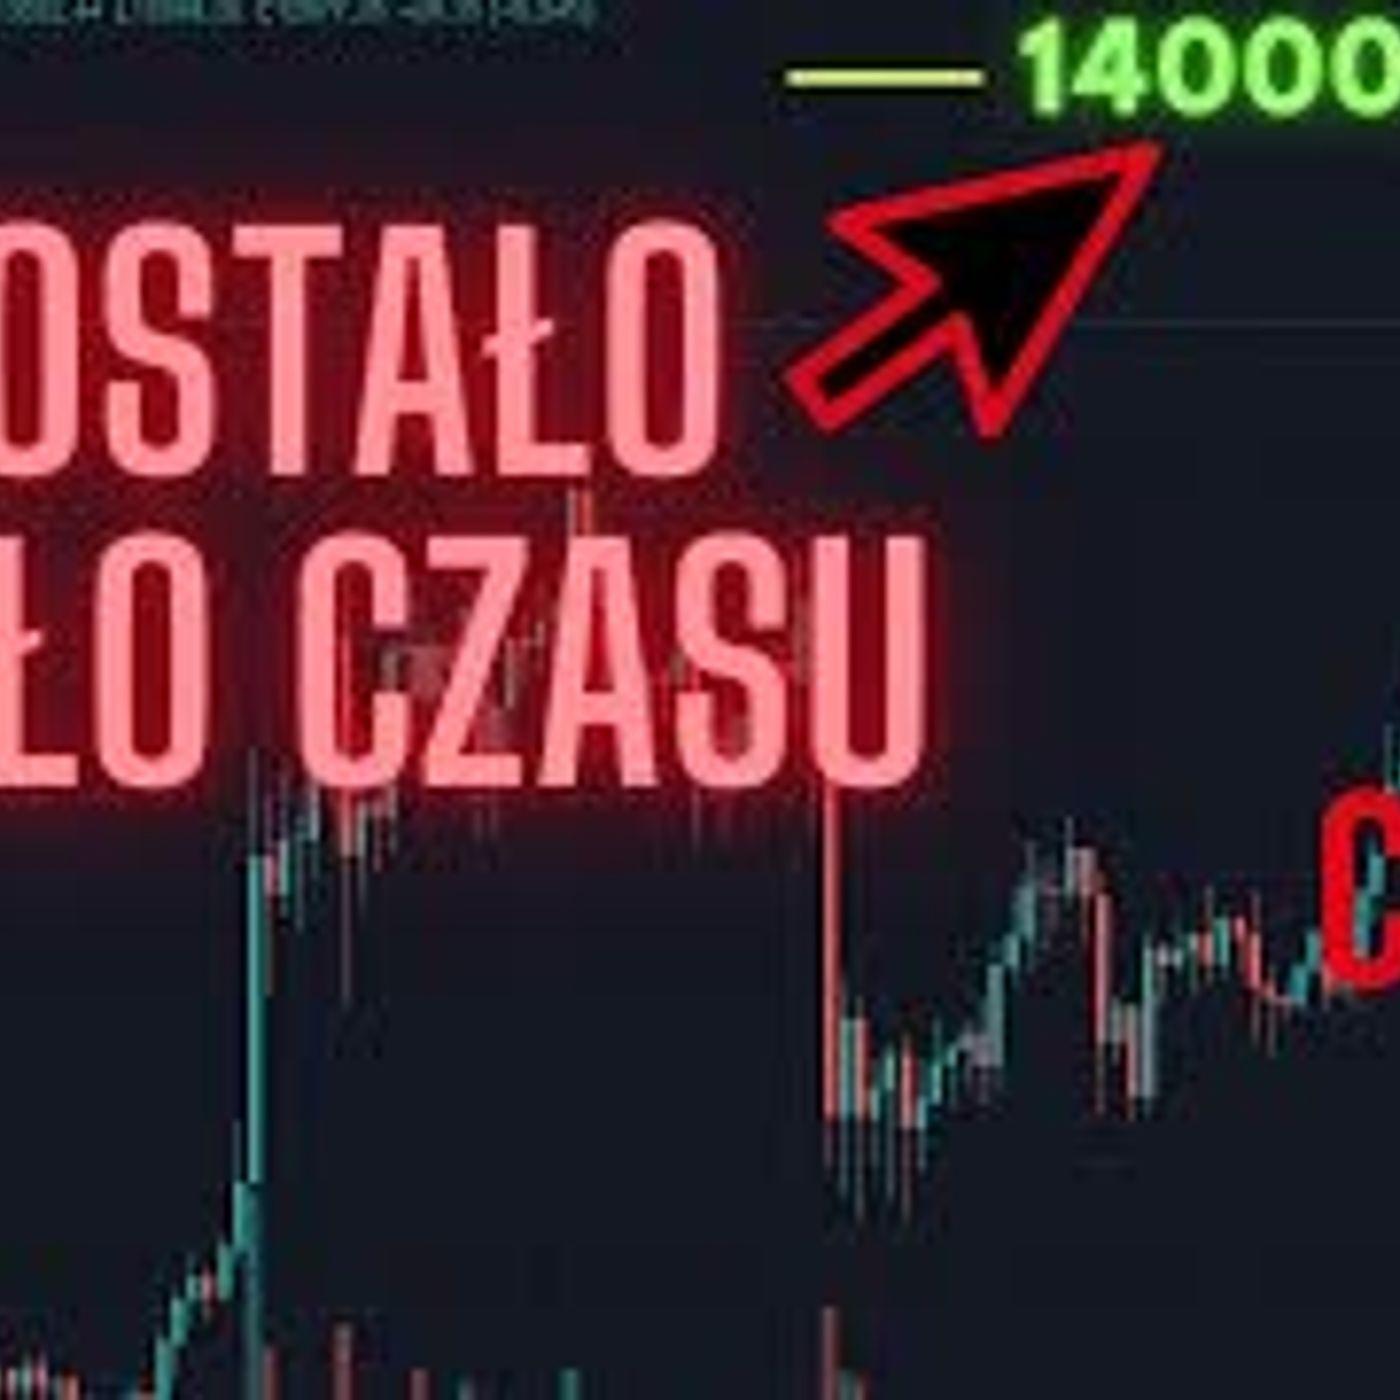 CO TAM W SIECI #146 | 22.10.2020 | Bitcoin będzie kosztować 20 000 DOLARÓW i więcej. Ostatnia szansa na inwestycje w BTC? Co z ETH 2.0